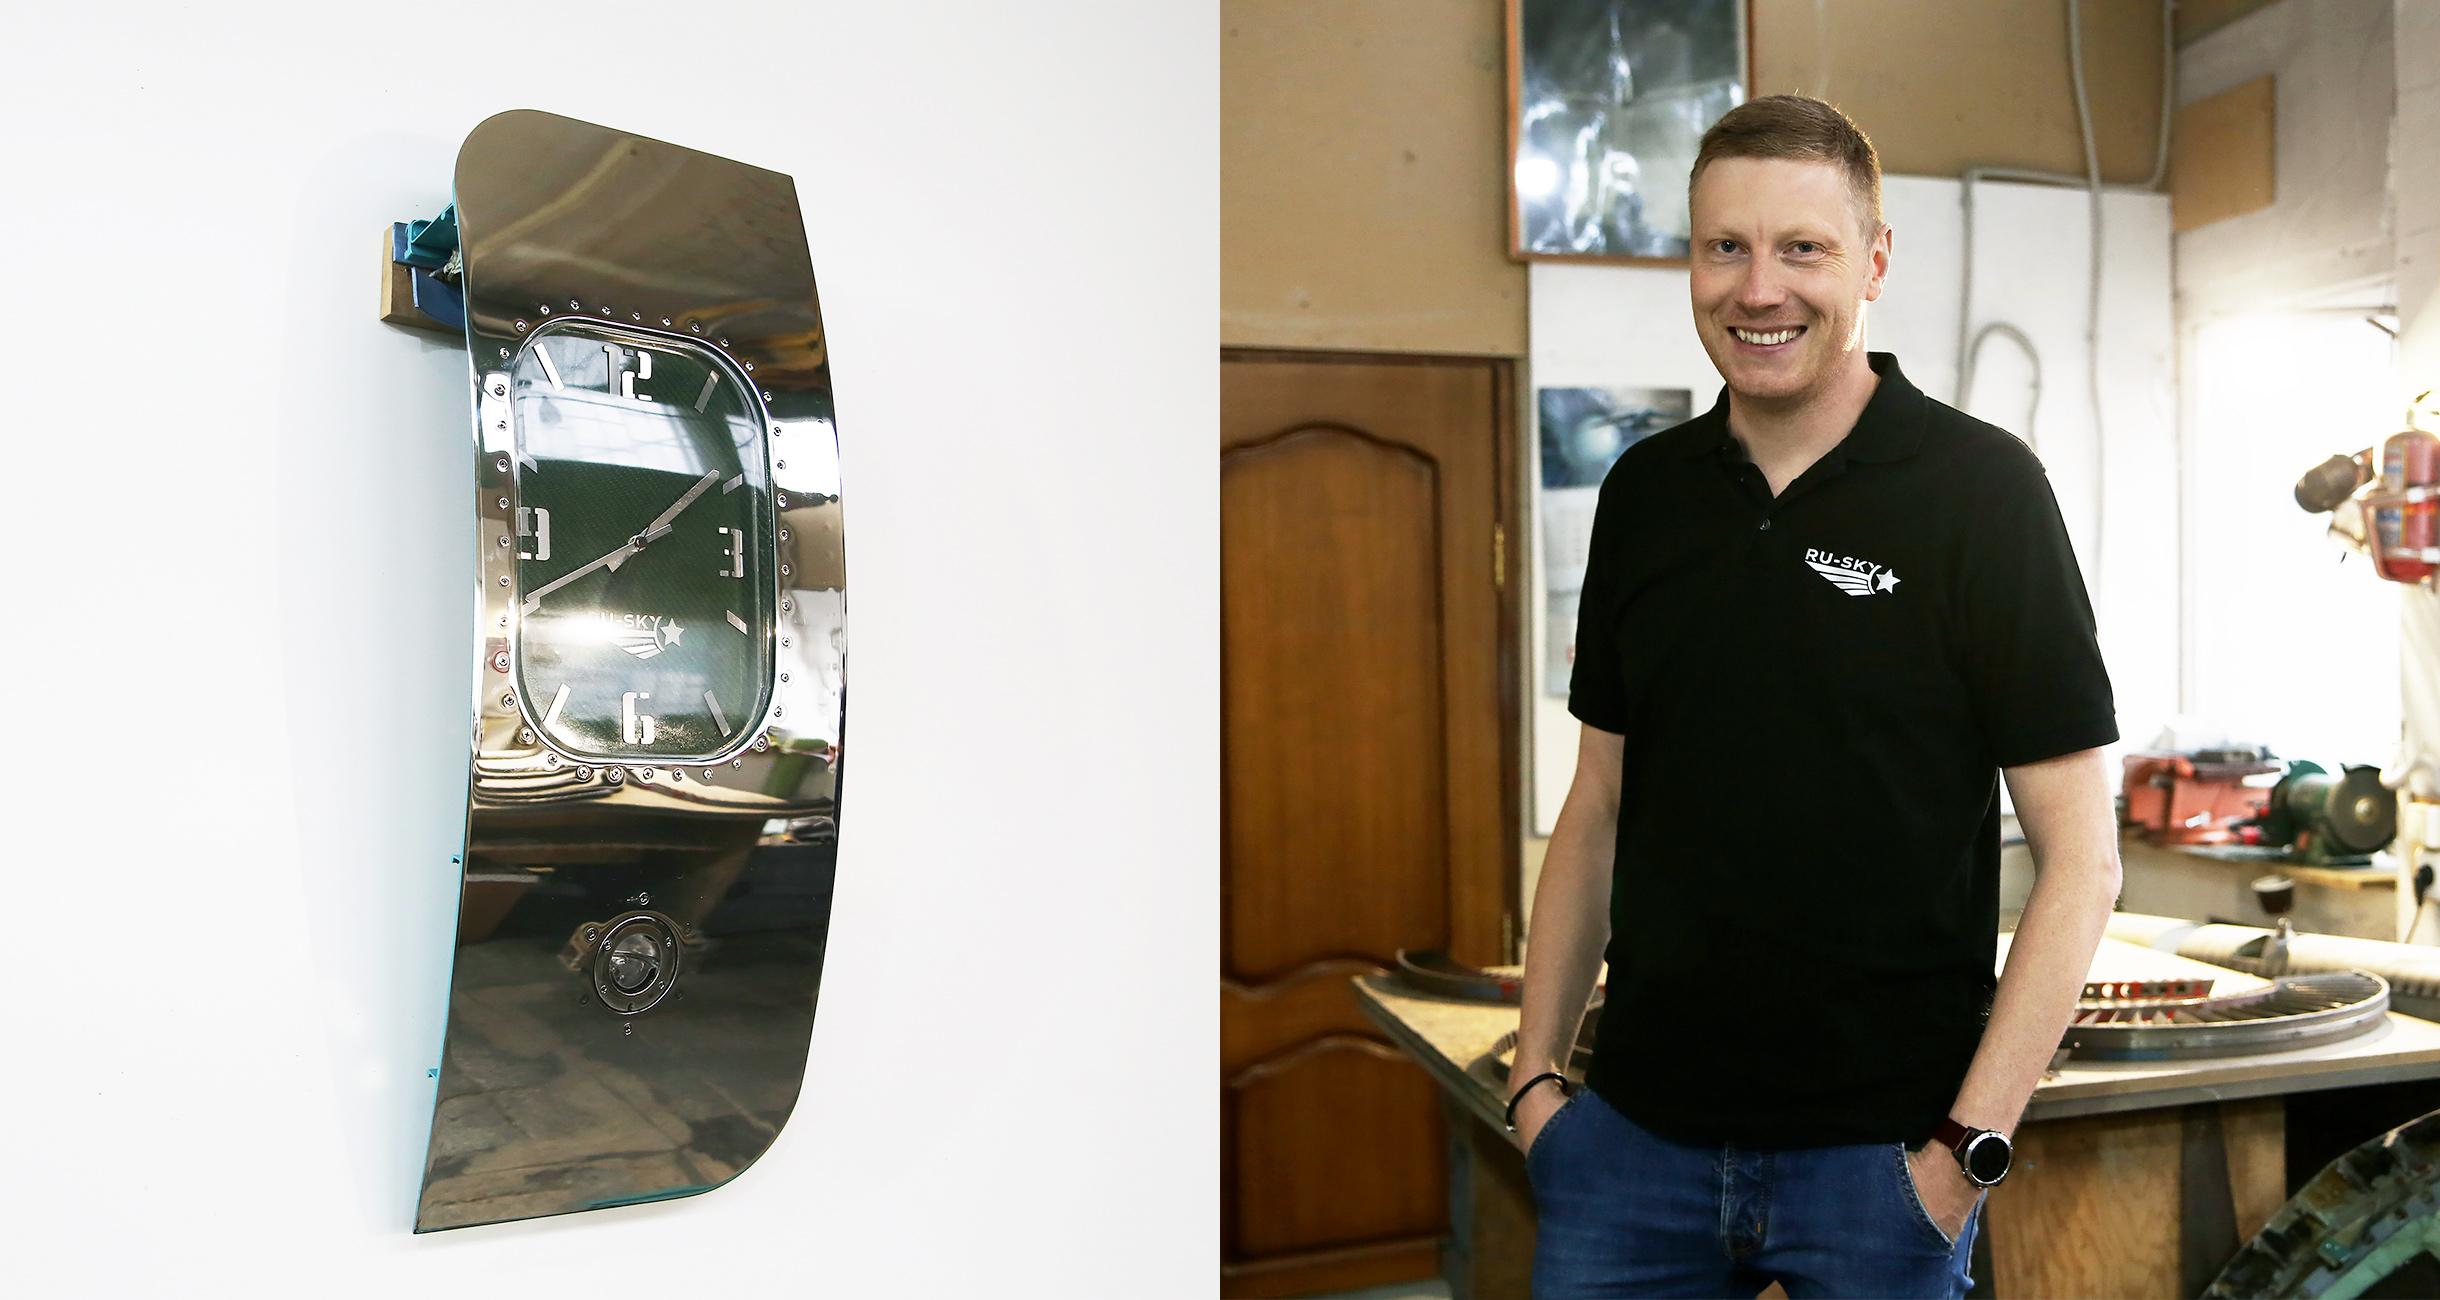 Бизнес: производство мебели из старых самолетов